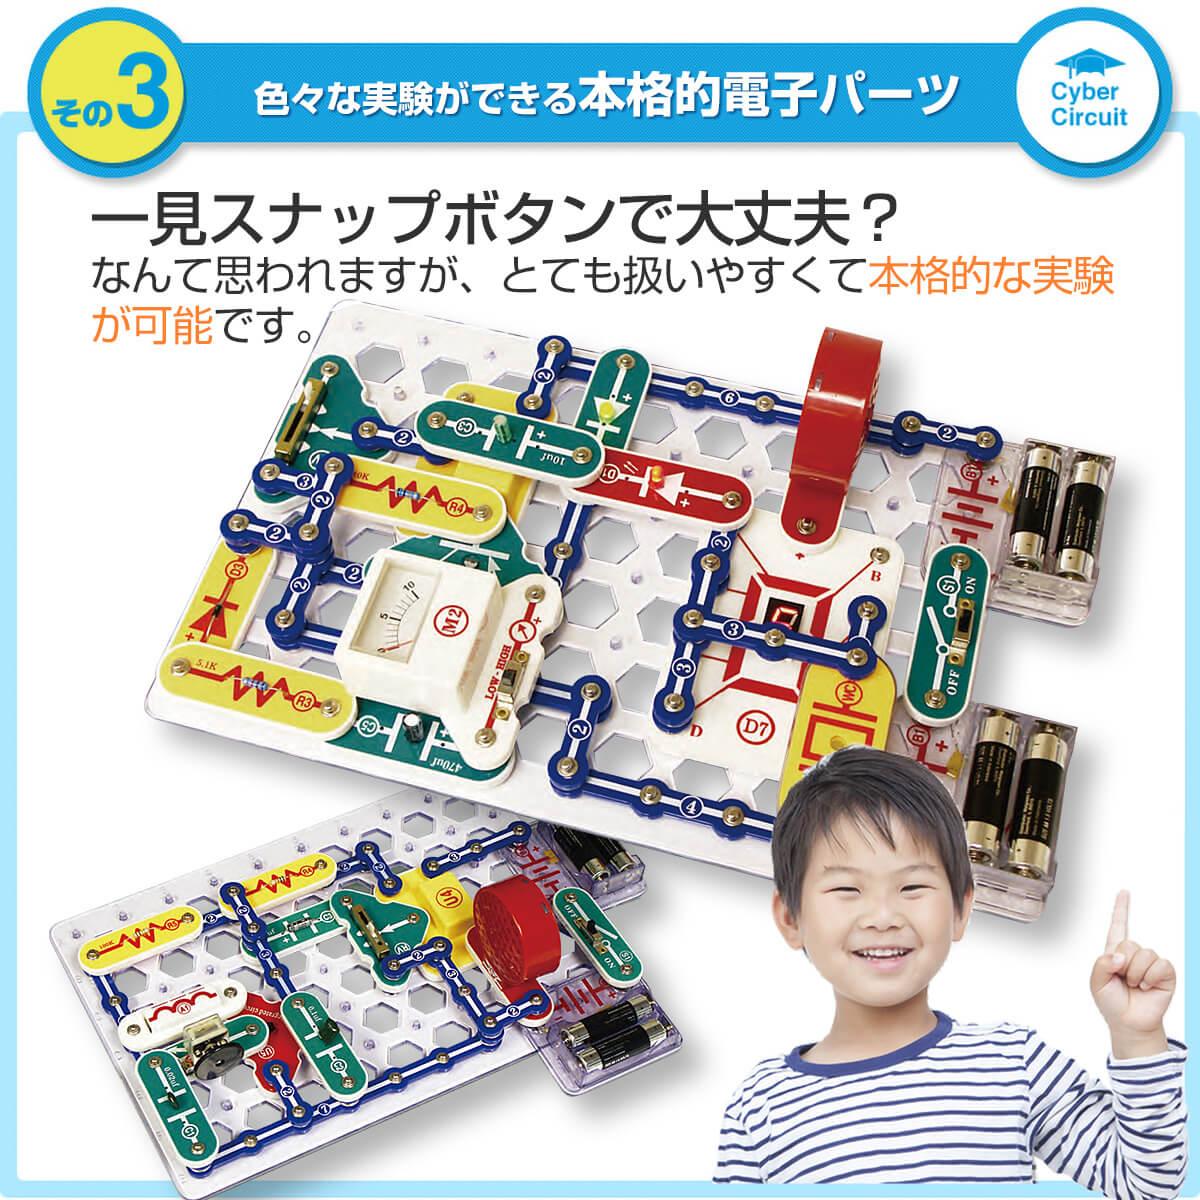 【正規品】 電子回路 子供 おもちゃ 小学生 知育玩具 電脳サーキット 500 電子ブロック 電子玩具 電池の仕組み 科学 こども 回路パズル 指先の知育 指先知育 おすすめ